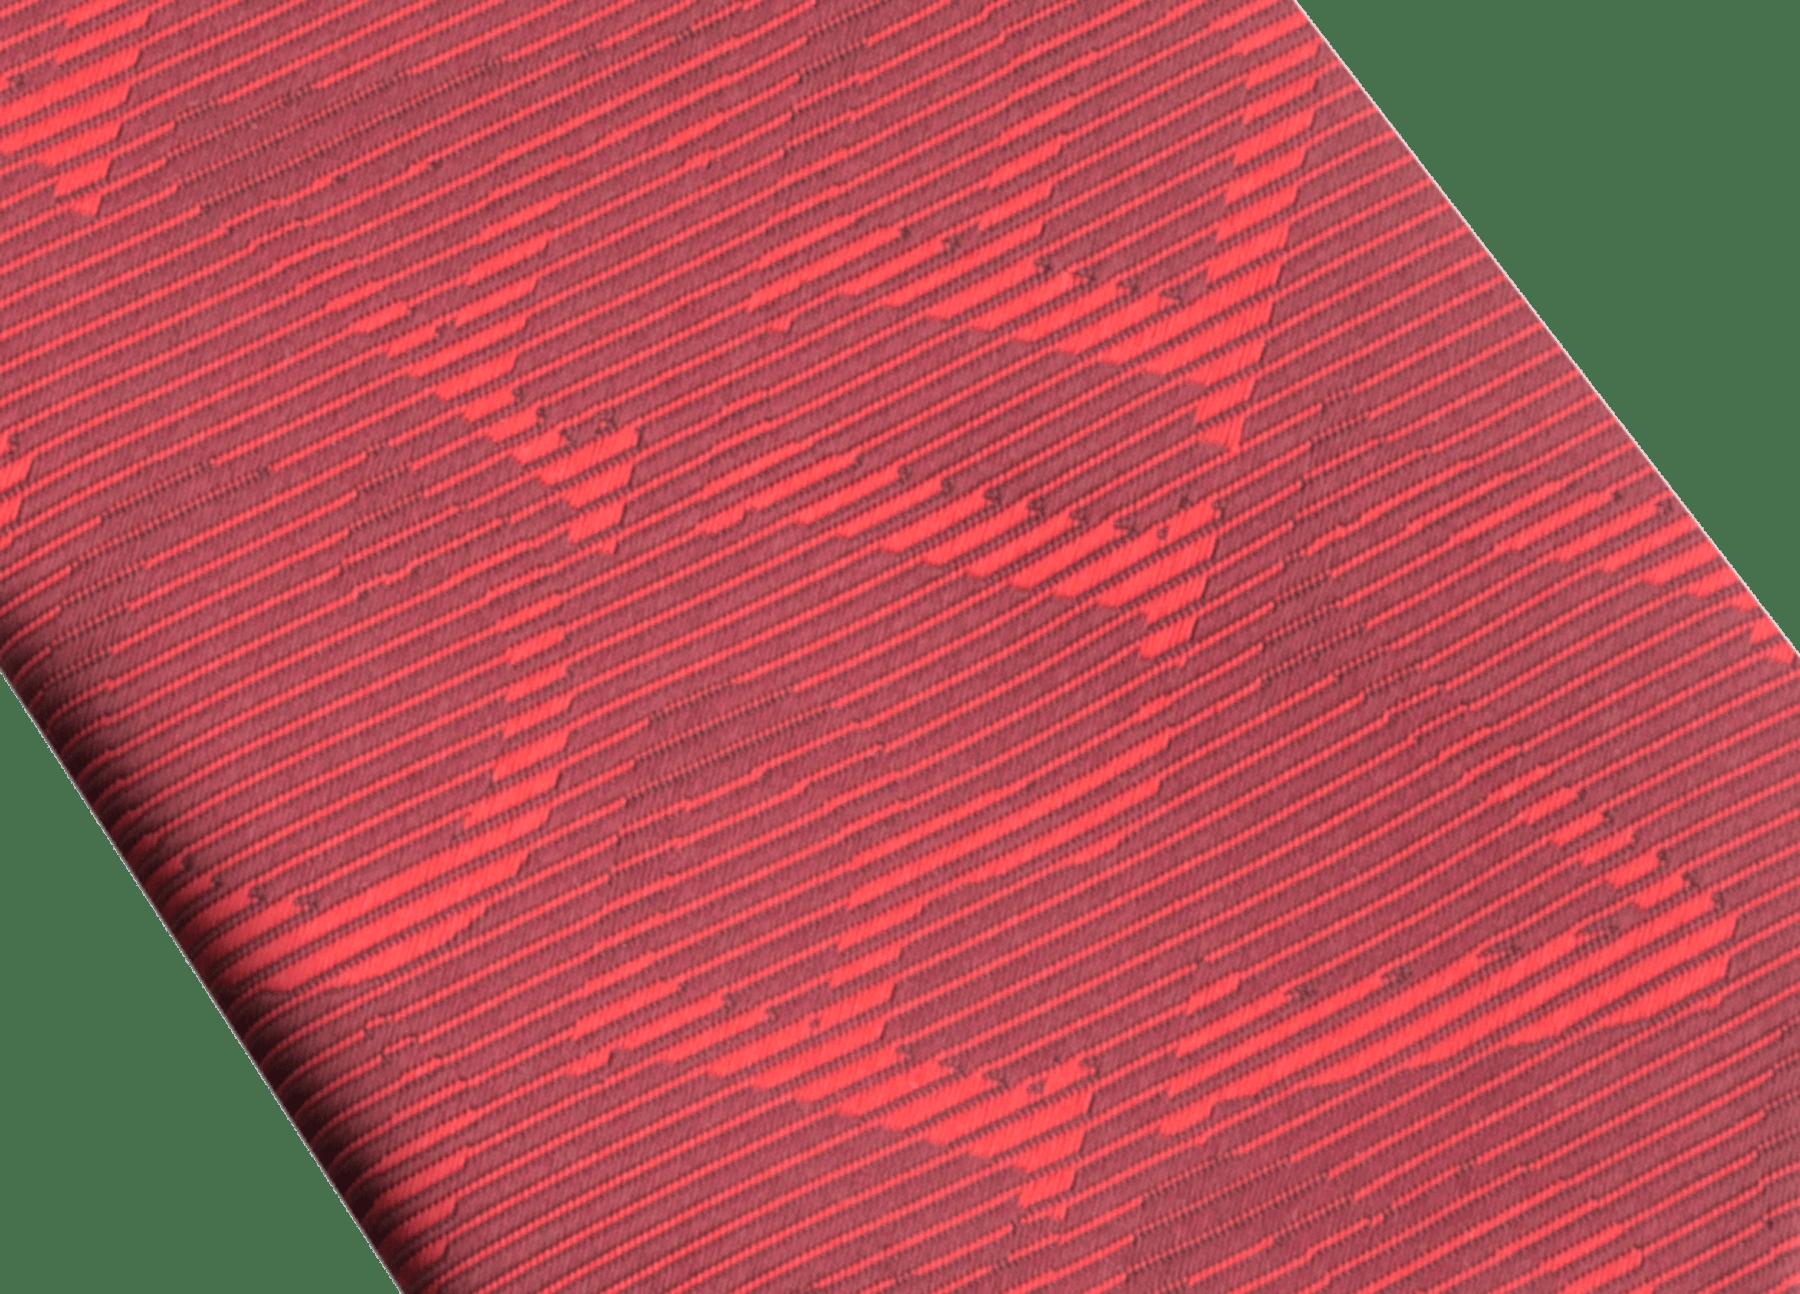 ピンクの「ロゴ オプティカル」セブンフォールドタイ。上質なジャカードシルク製。 LOGOOPTICAL image 2